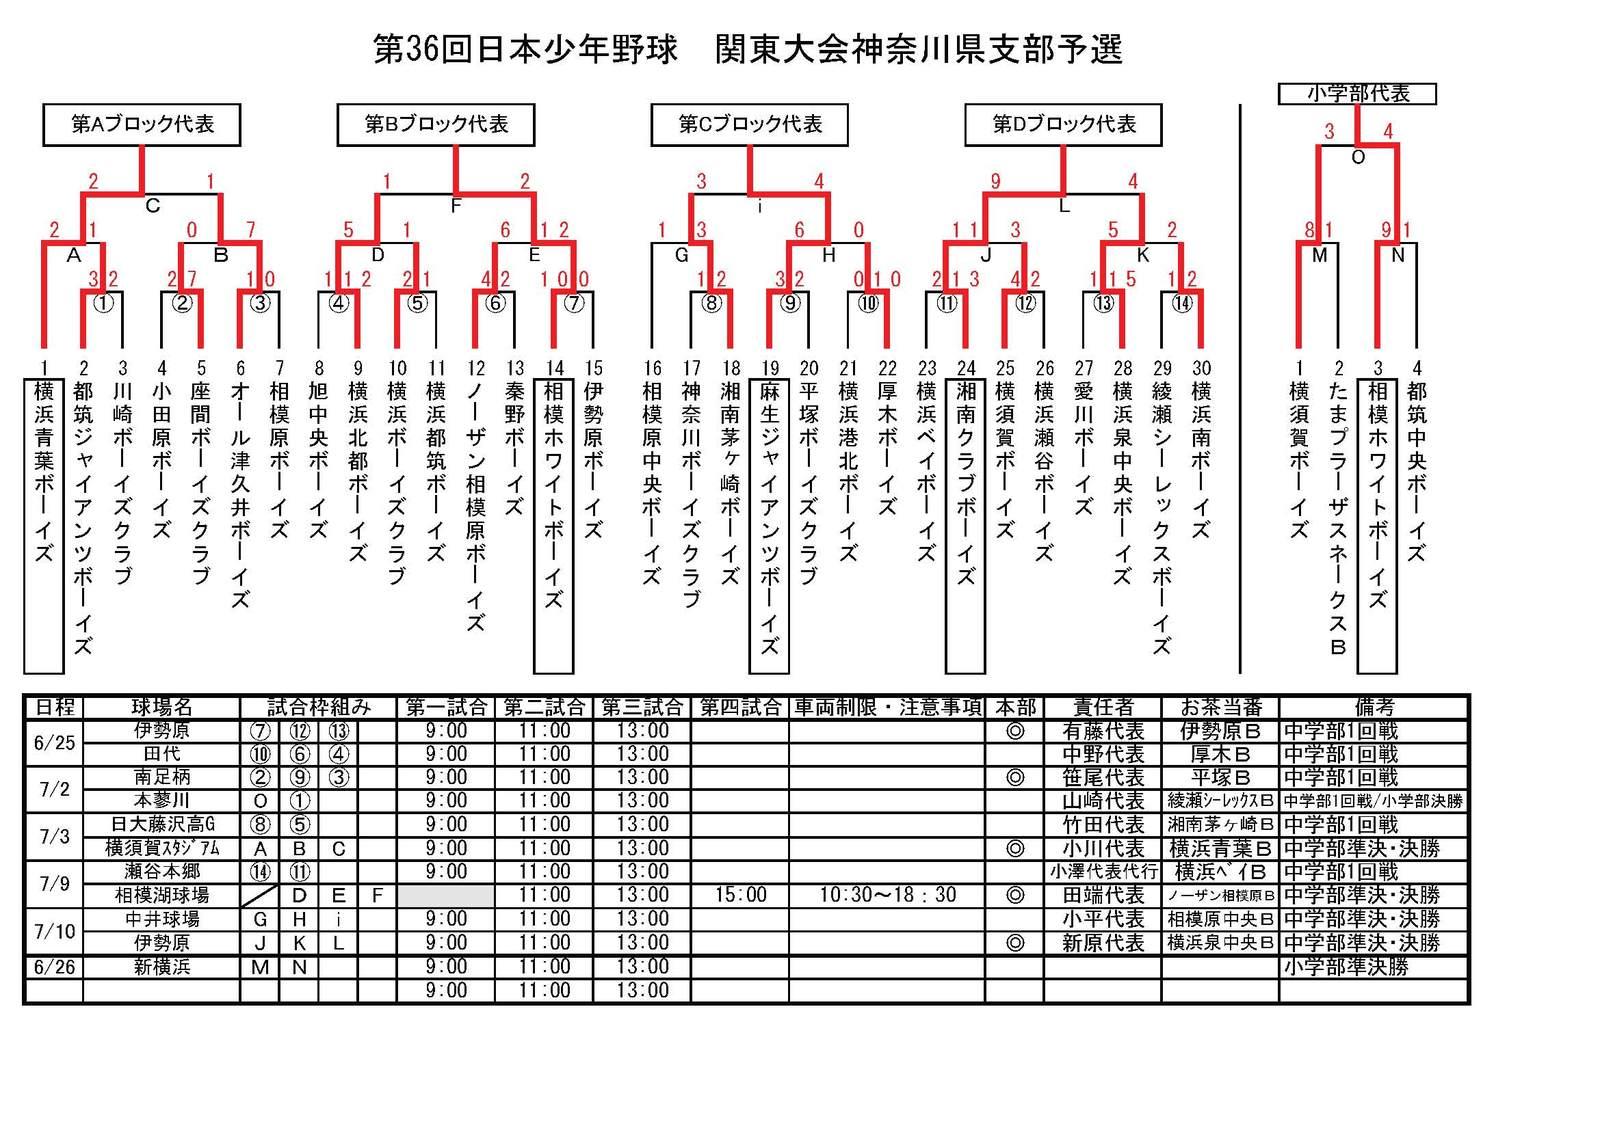 2011_kantoyosen_kanagawa_result